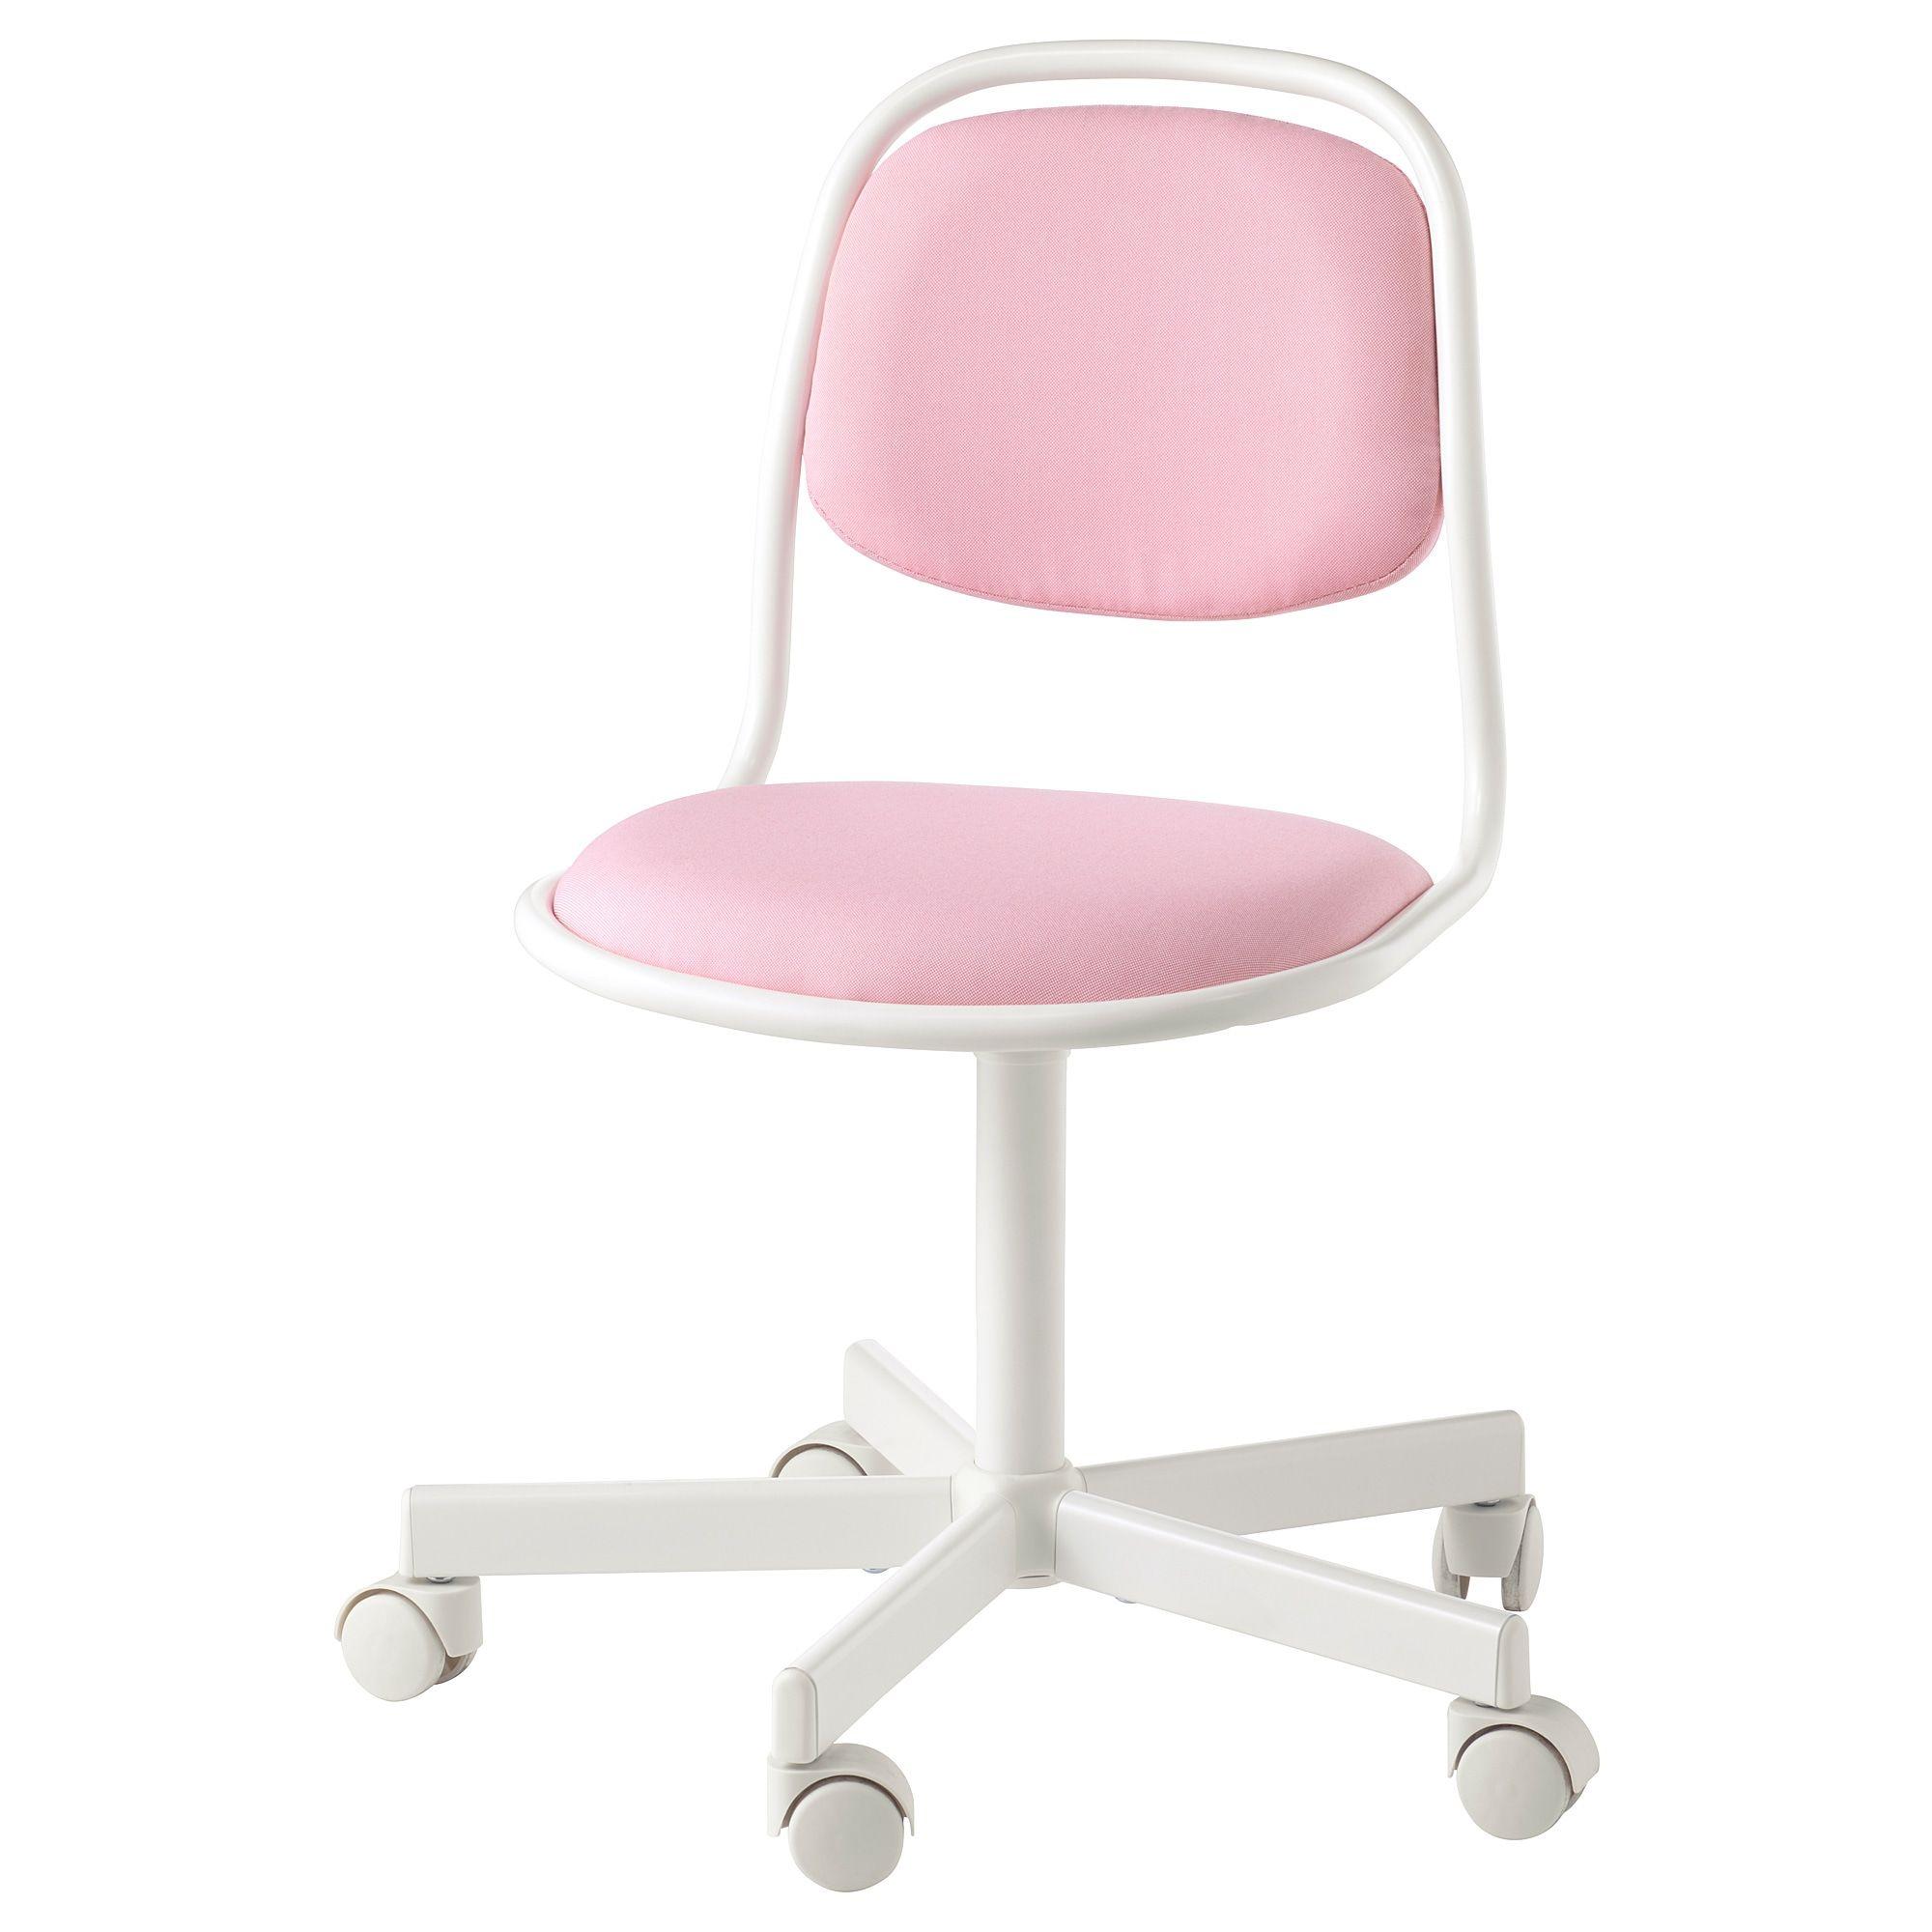 Orfjall Schreibtischstuhl Fur Kinder Weiss Vissle Rosa Ikea